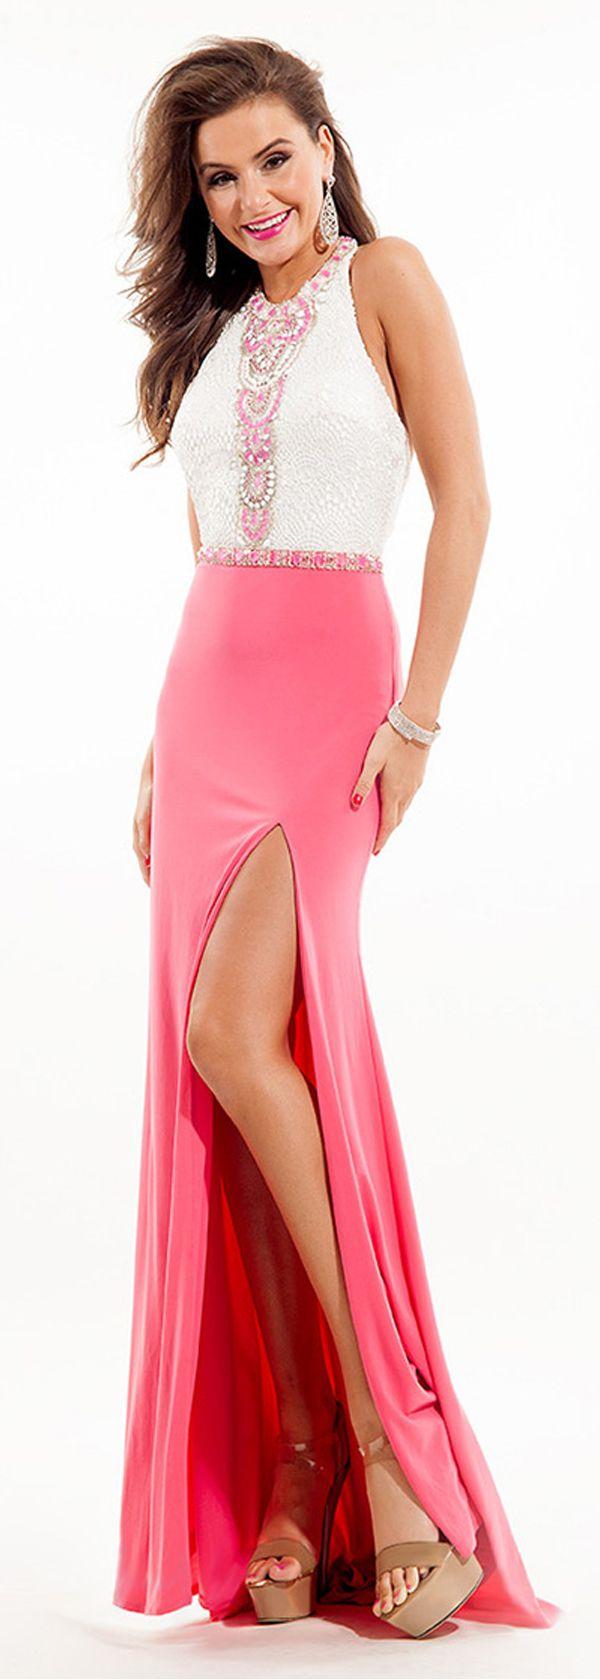 Contemporáneo Sadies Prom Dresses Elaboración - Colección de ...